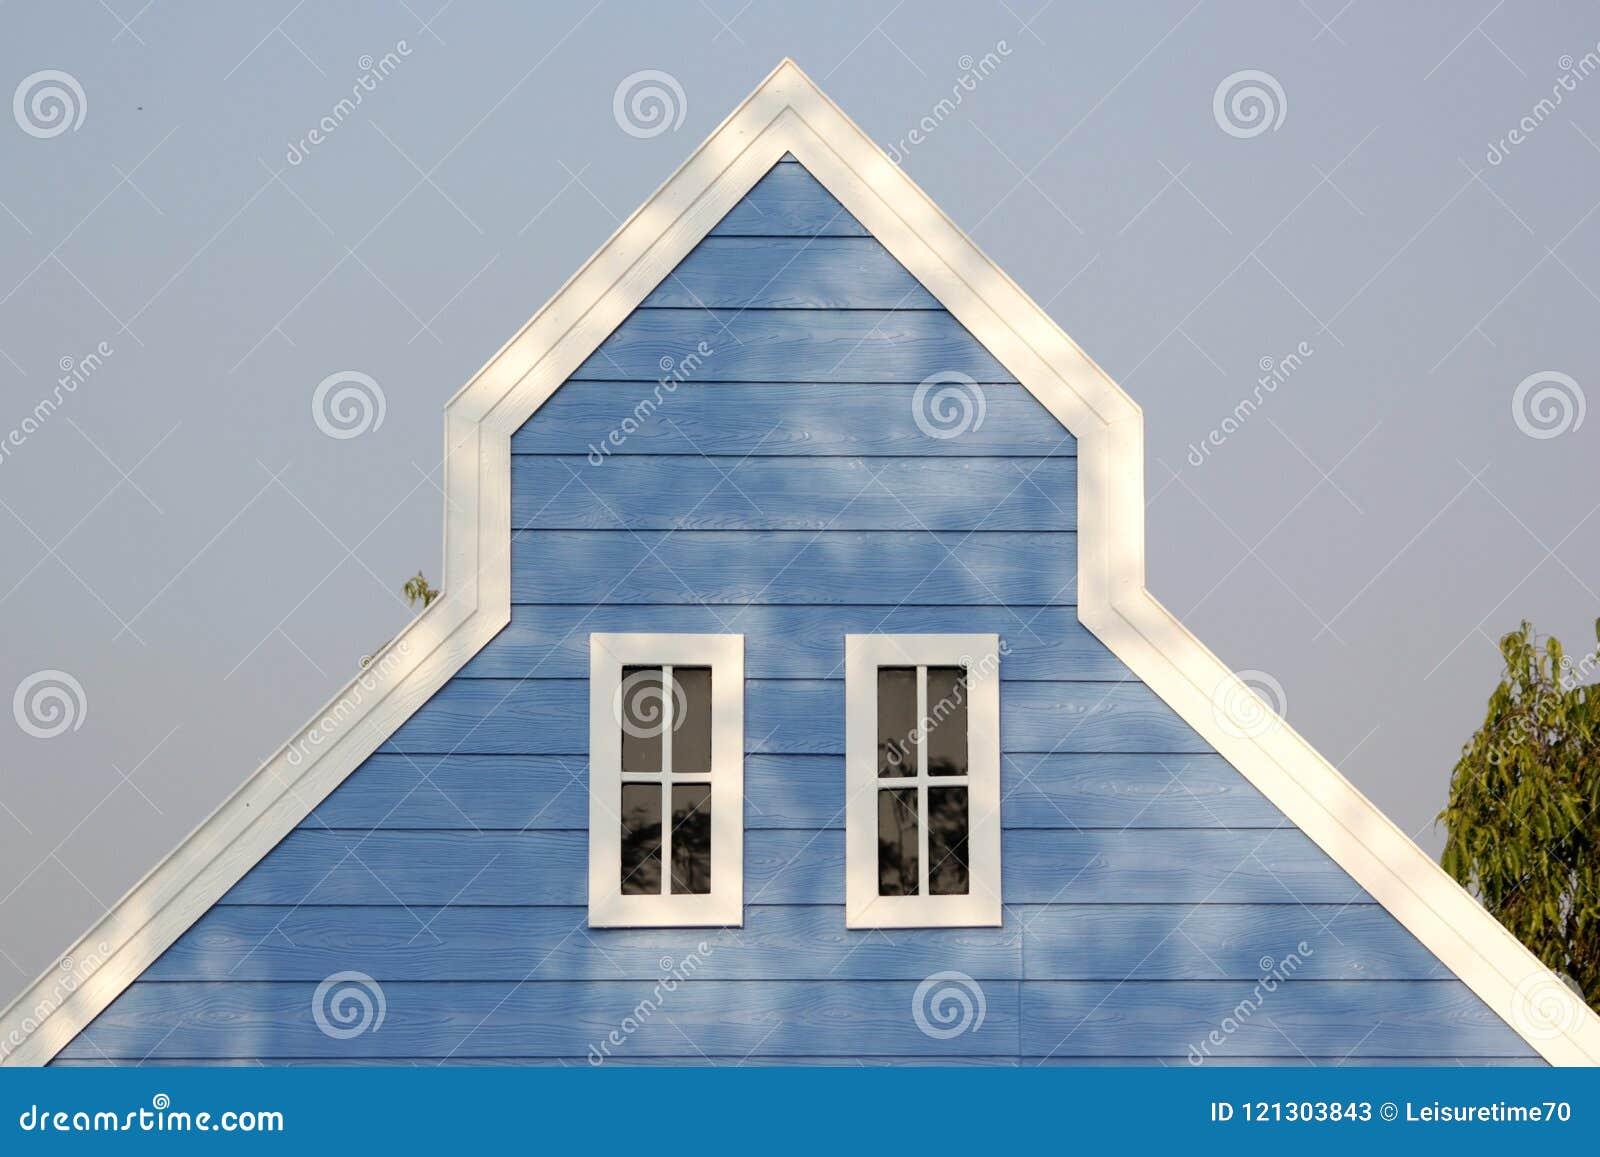 Tetto Di Timpano Con Le Finestre Bianche Sulla Casa Di Legno